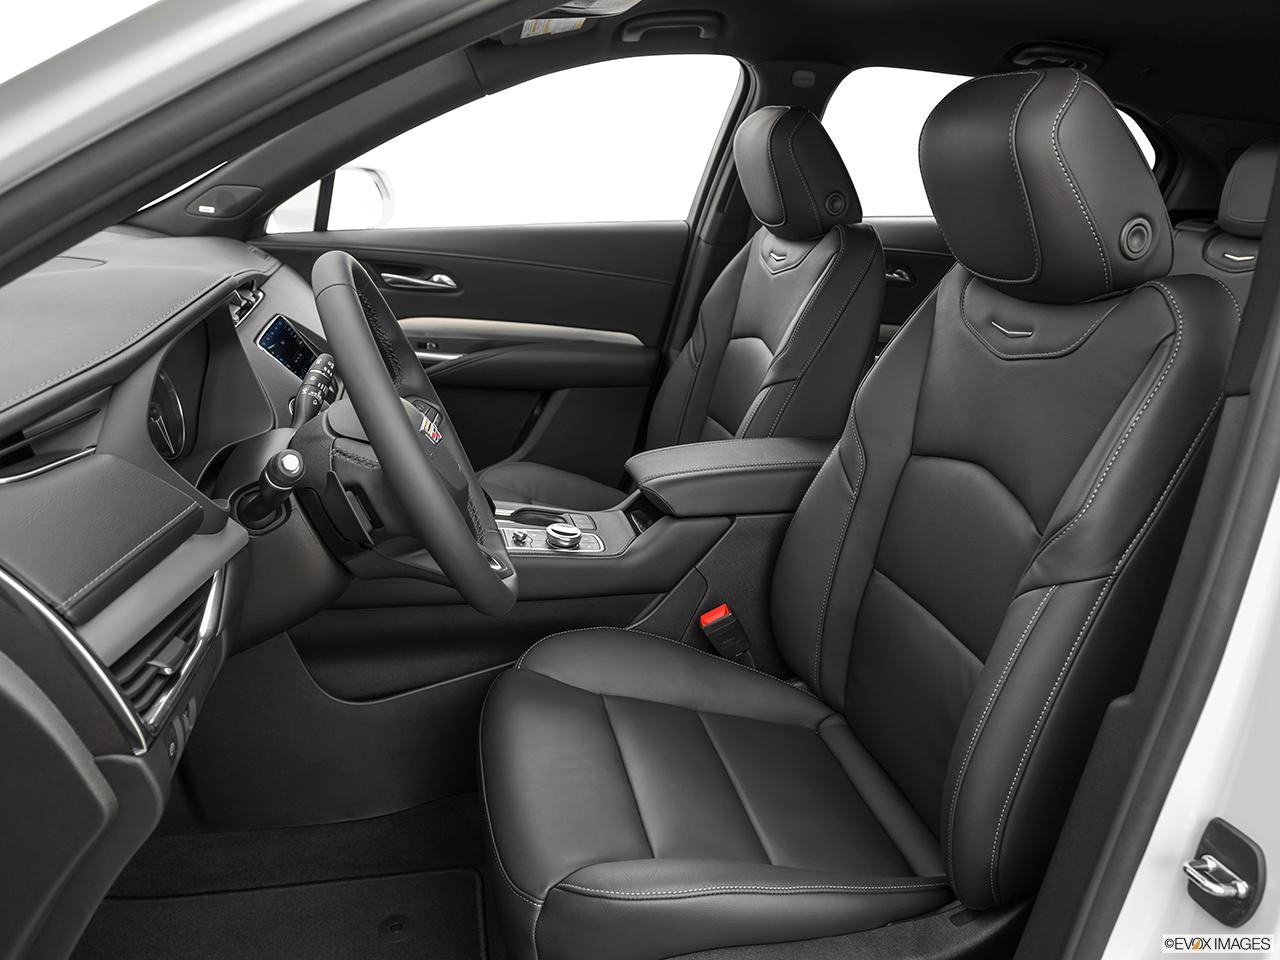 2020 Cadillac XT4 photo